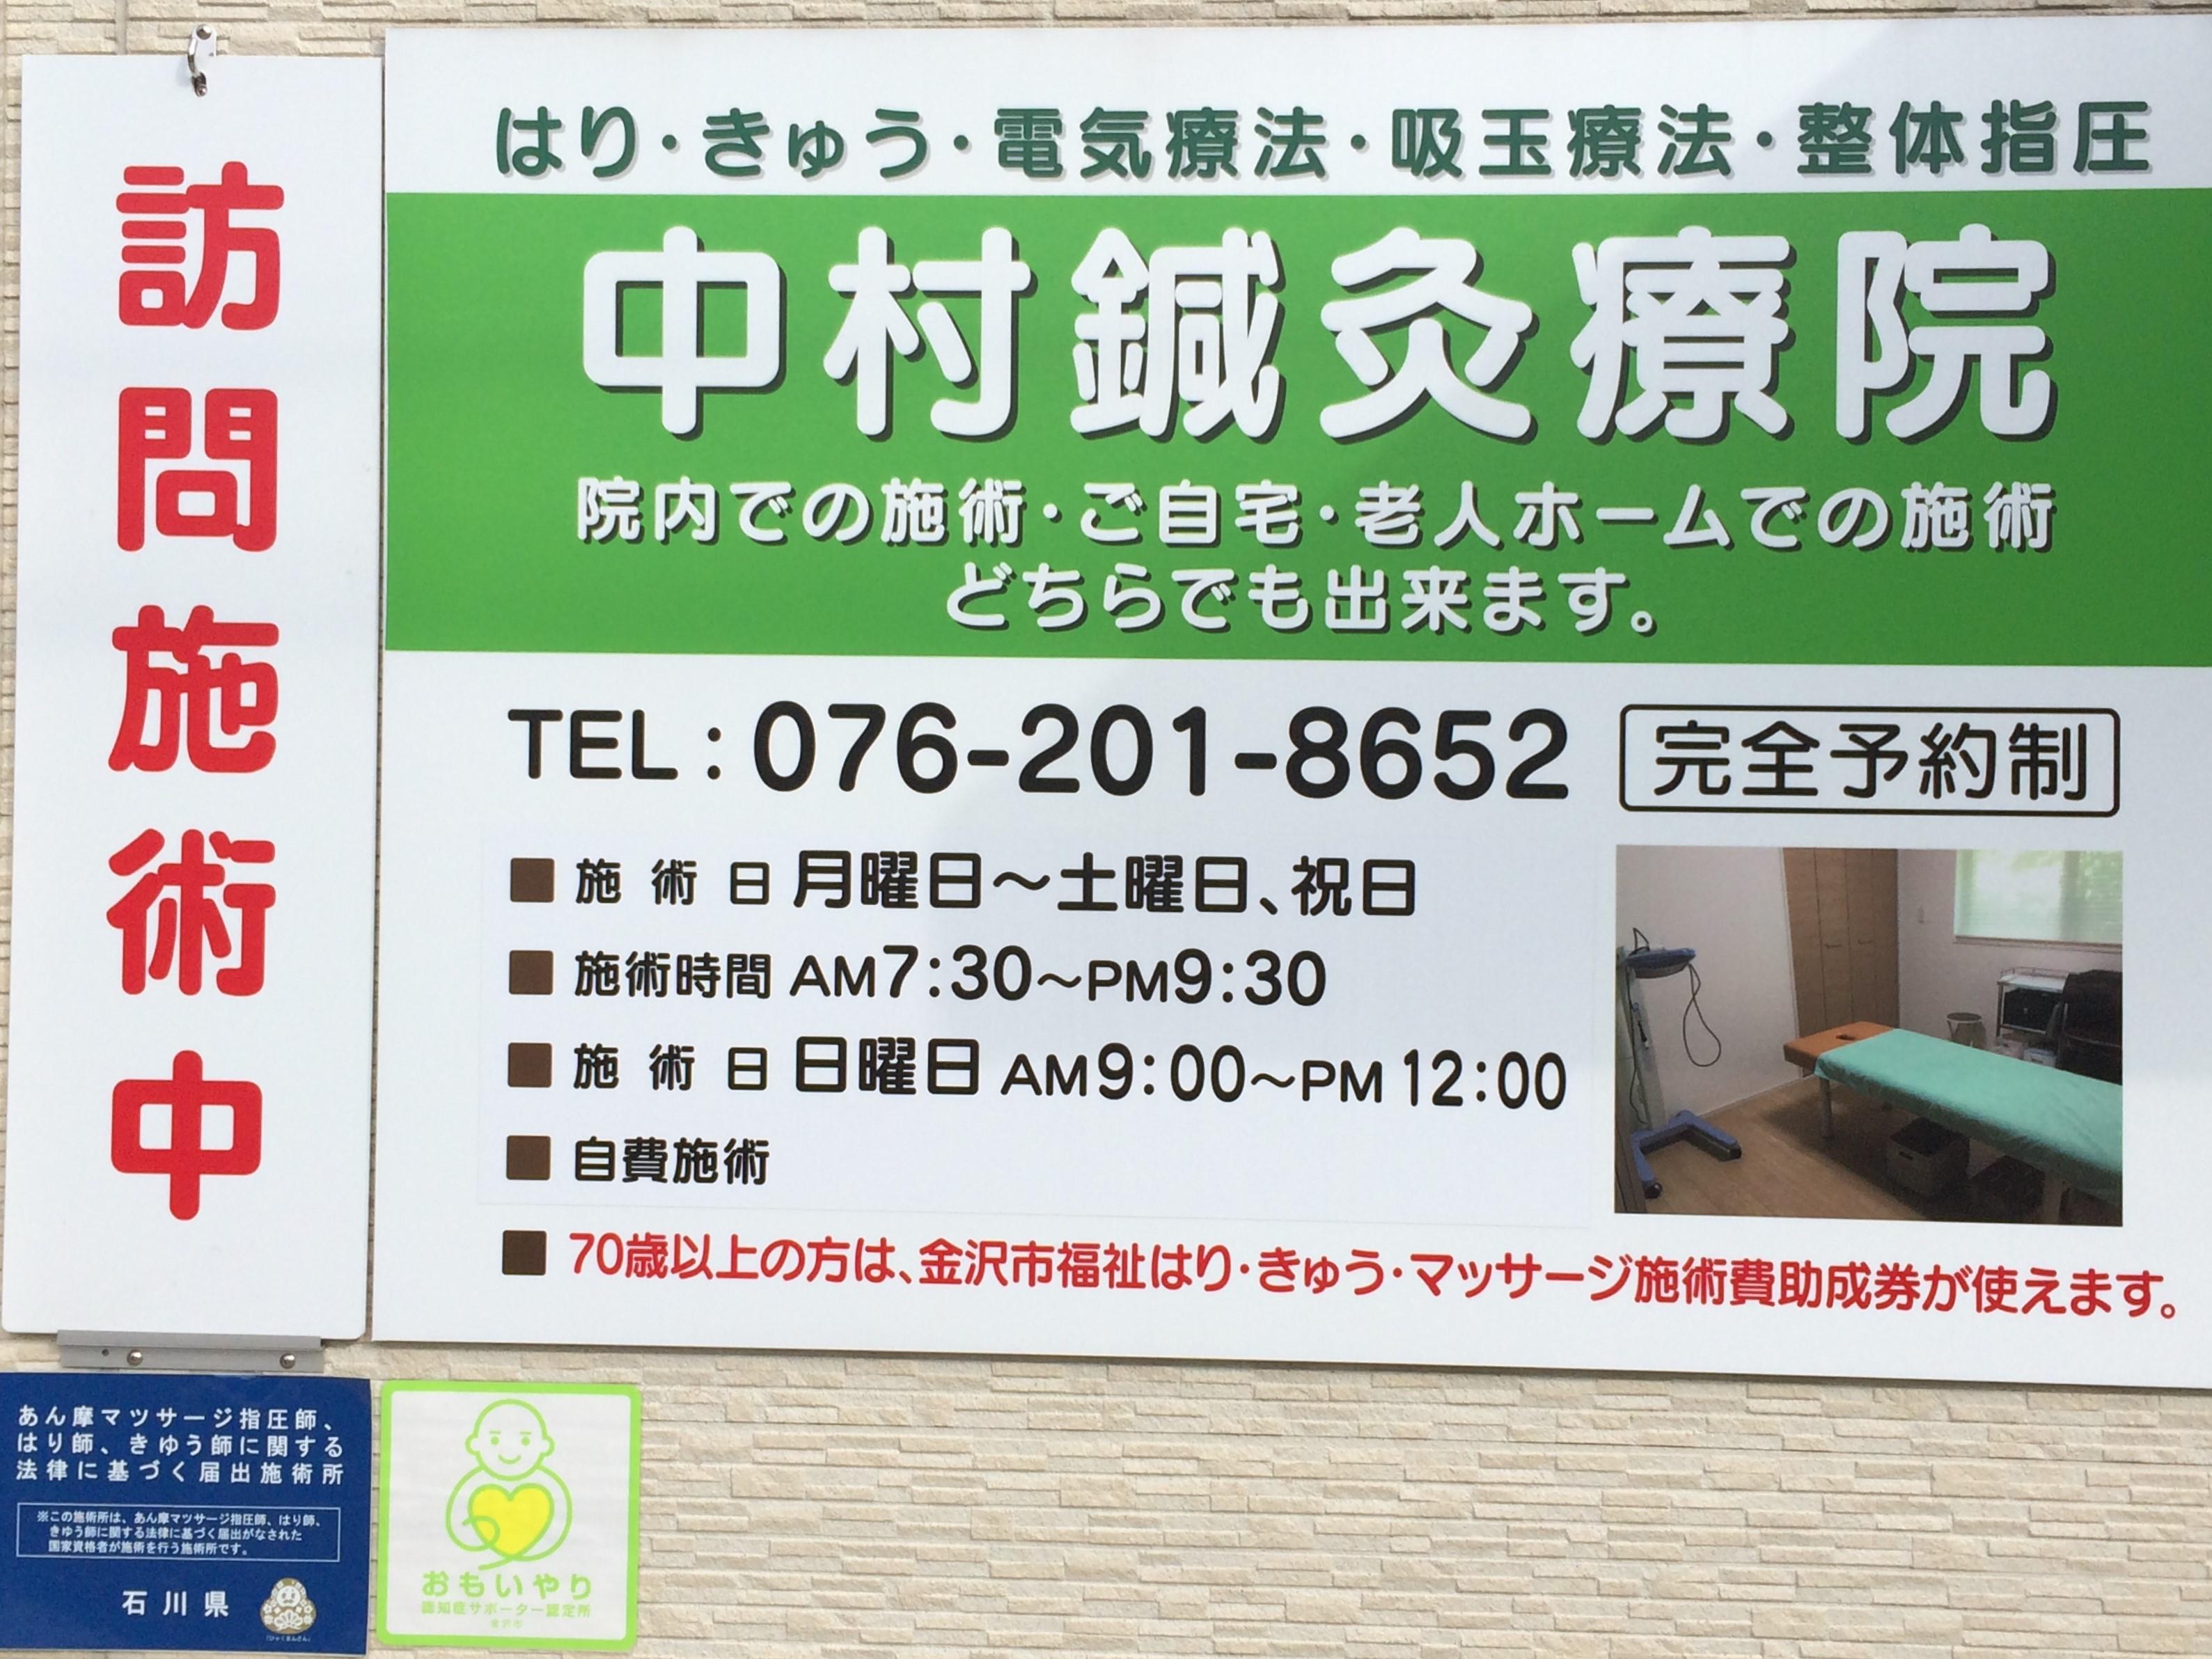 中村鍼灸療院